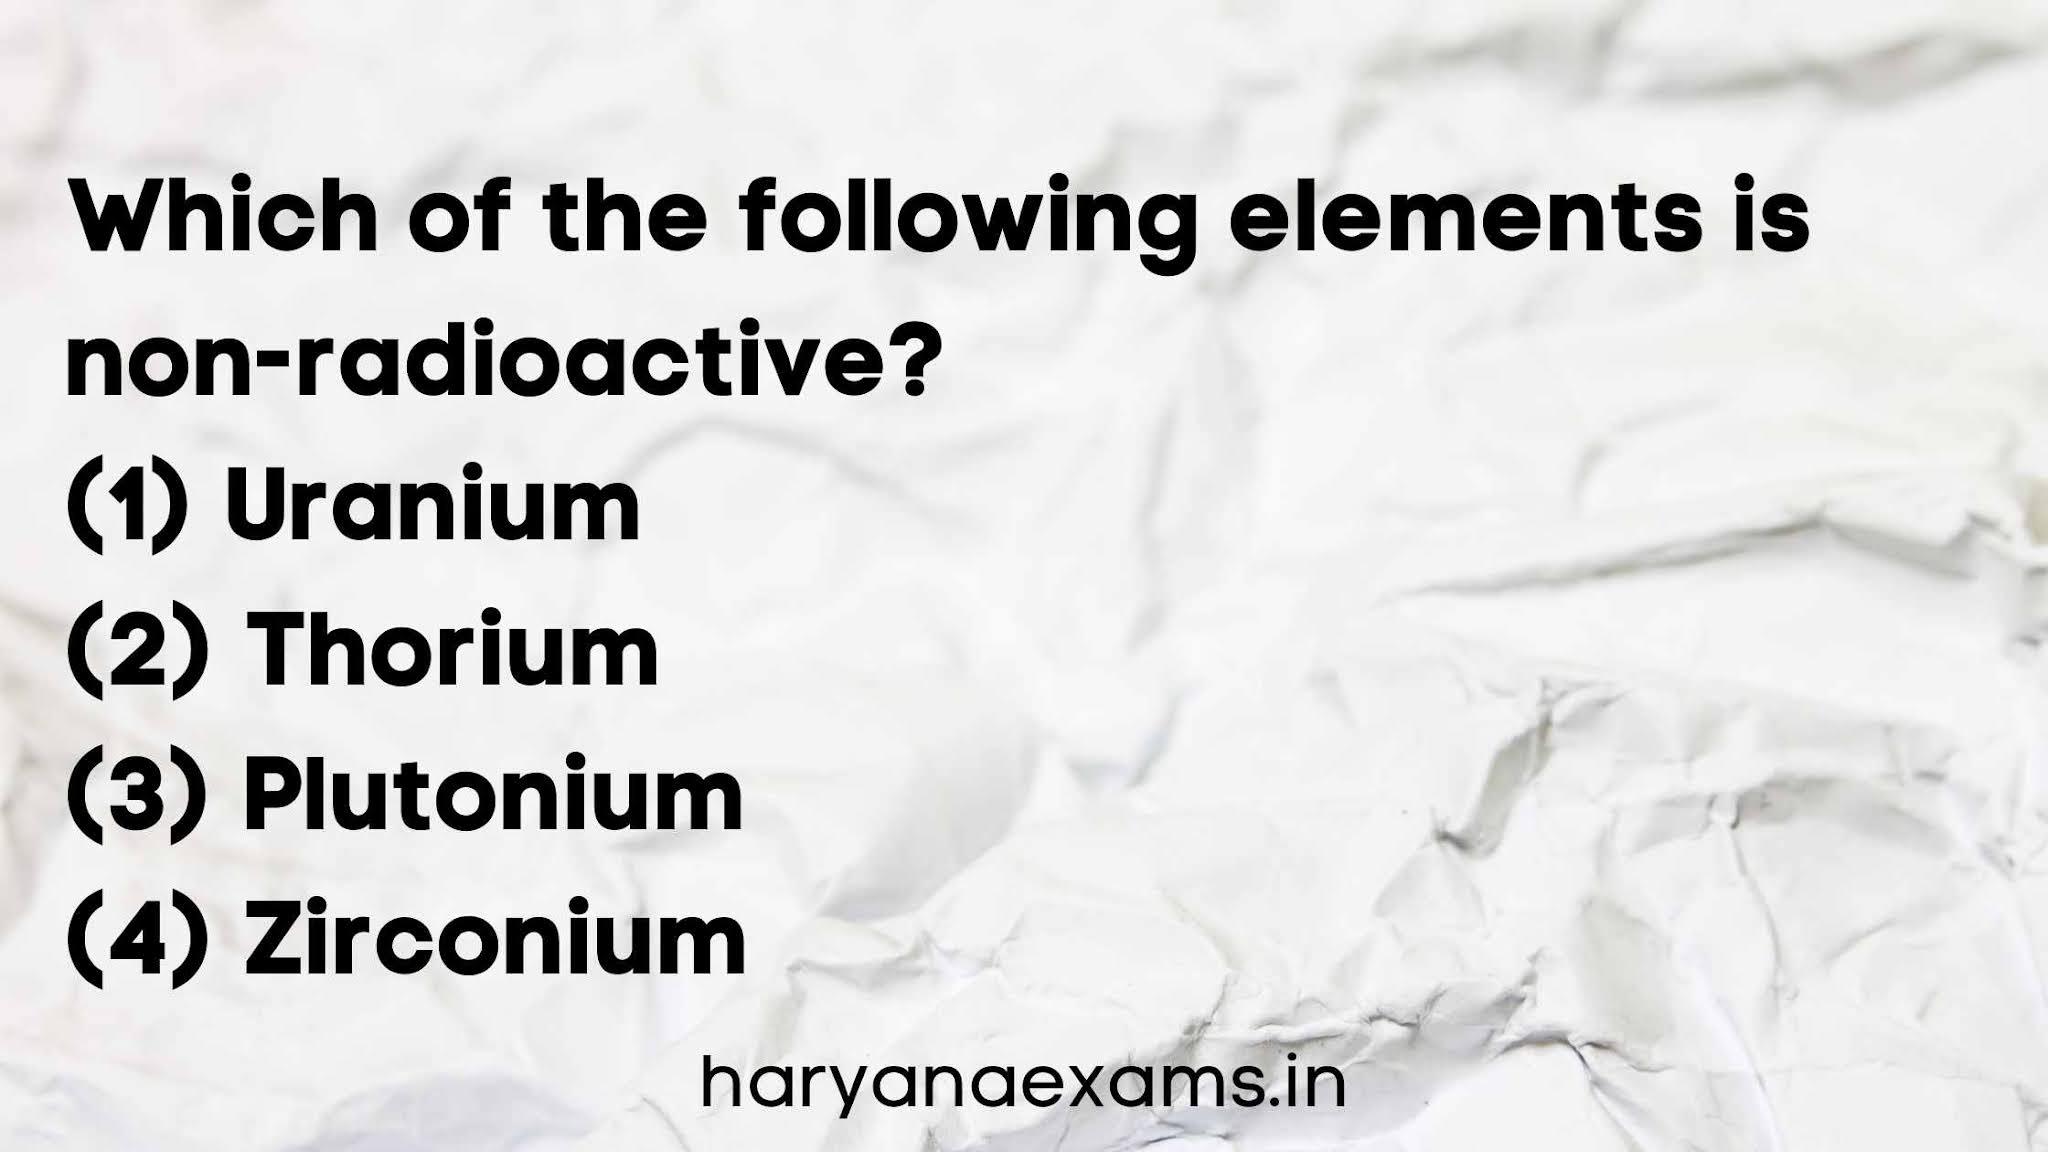 Which of the following elements is non-radioactive?   (1) Uranium   (2) Thorium   (3) Plutonium   (4) Zirconium